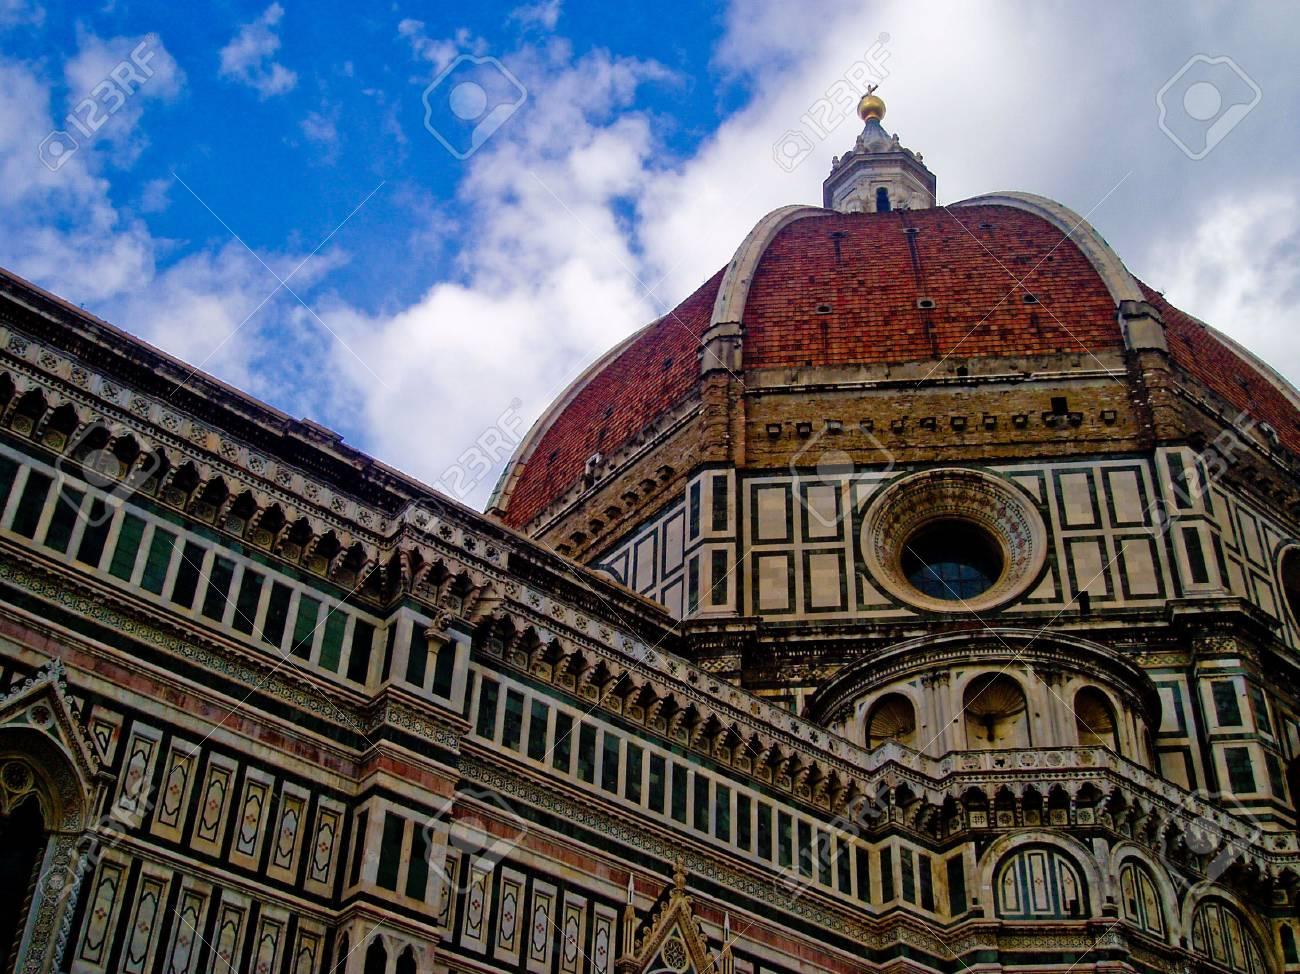 Basilica di Santa Maria del Fiore in Florence Italy - 4839284